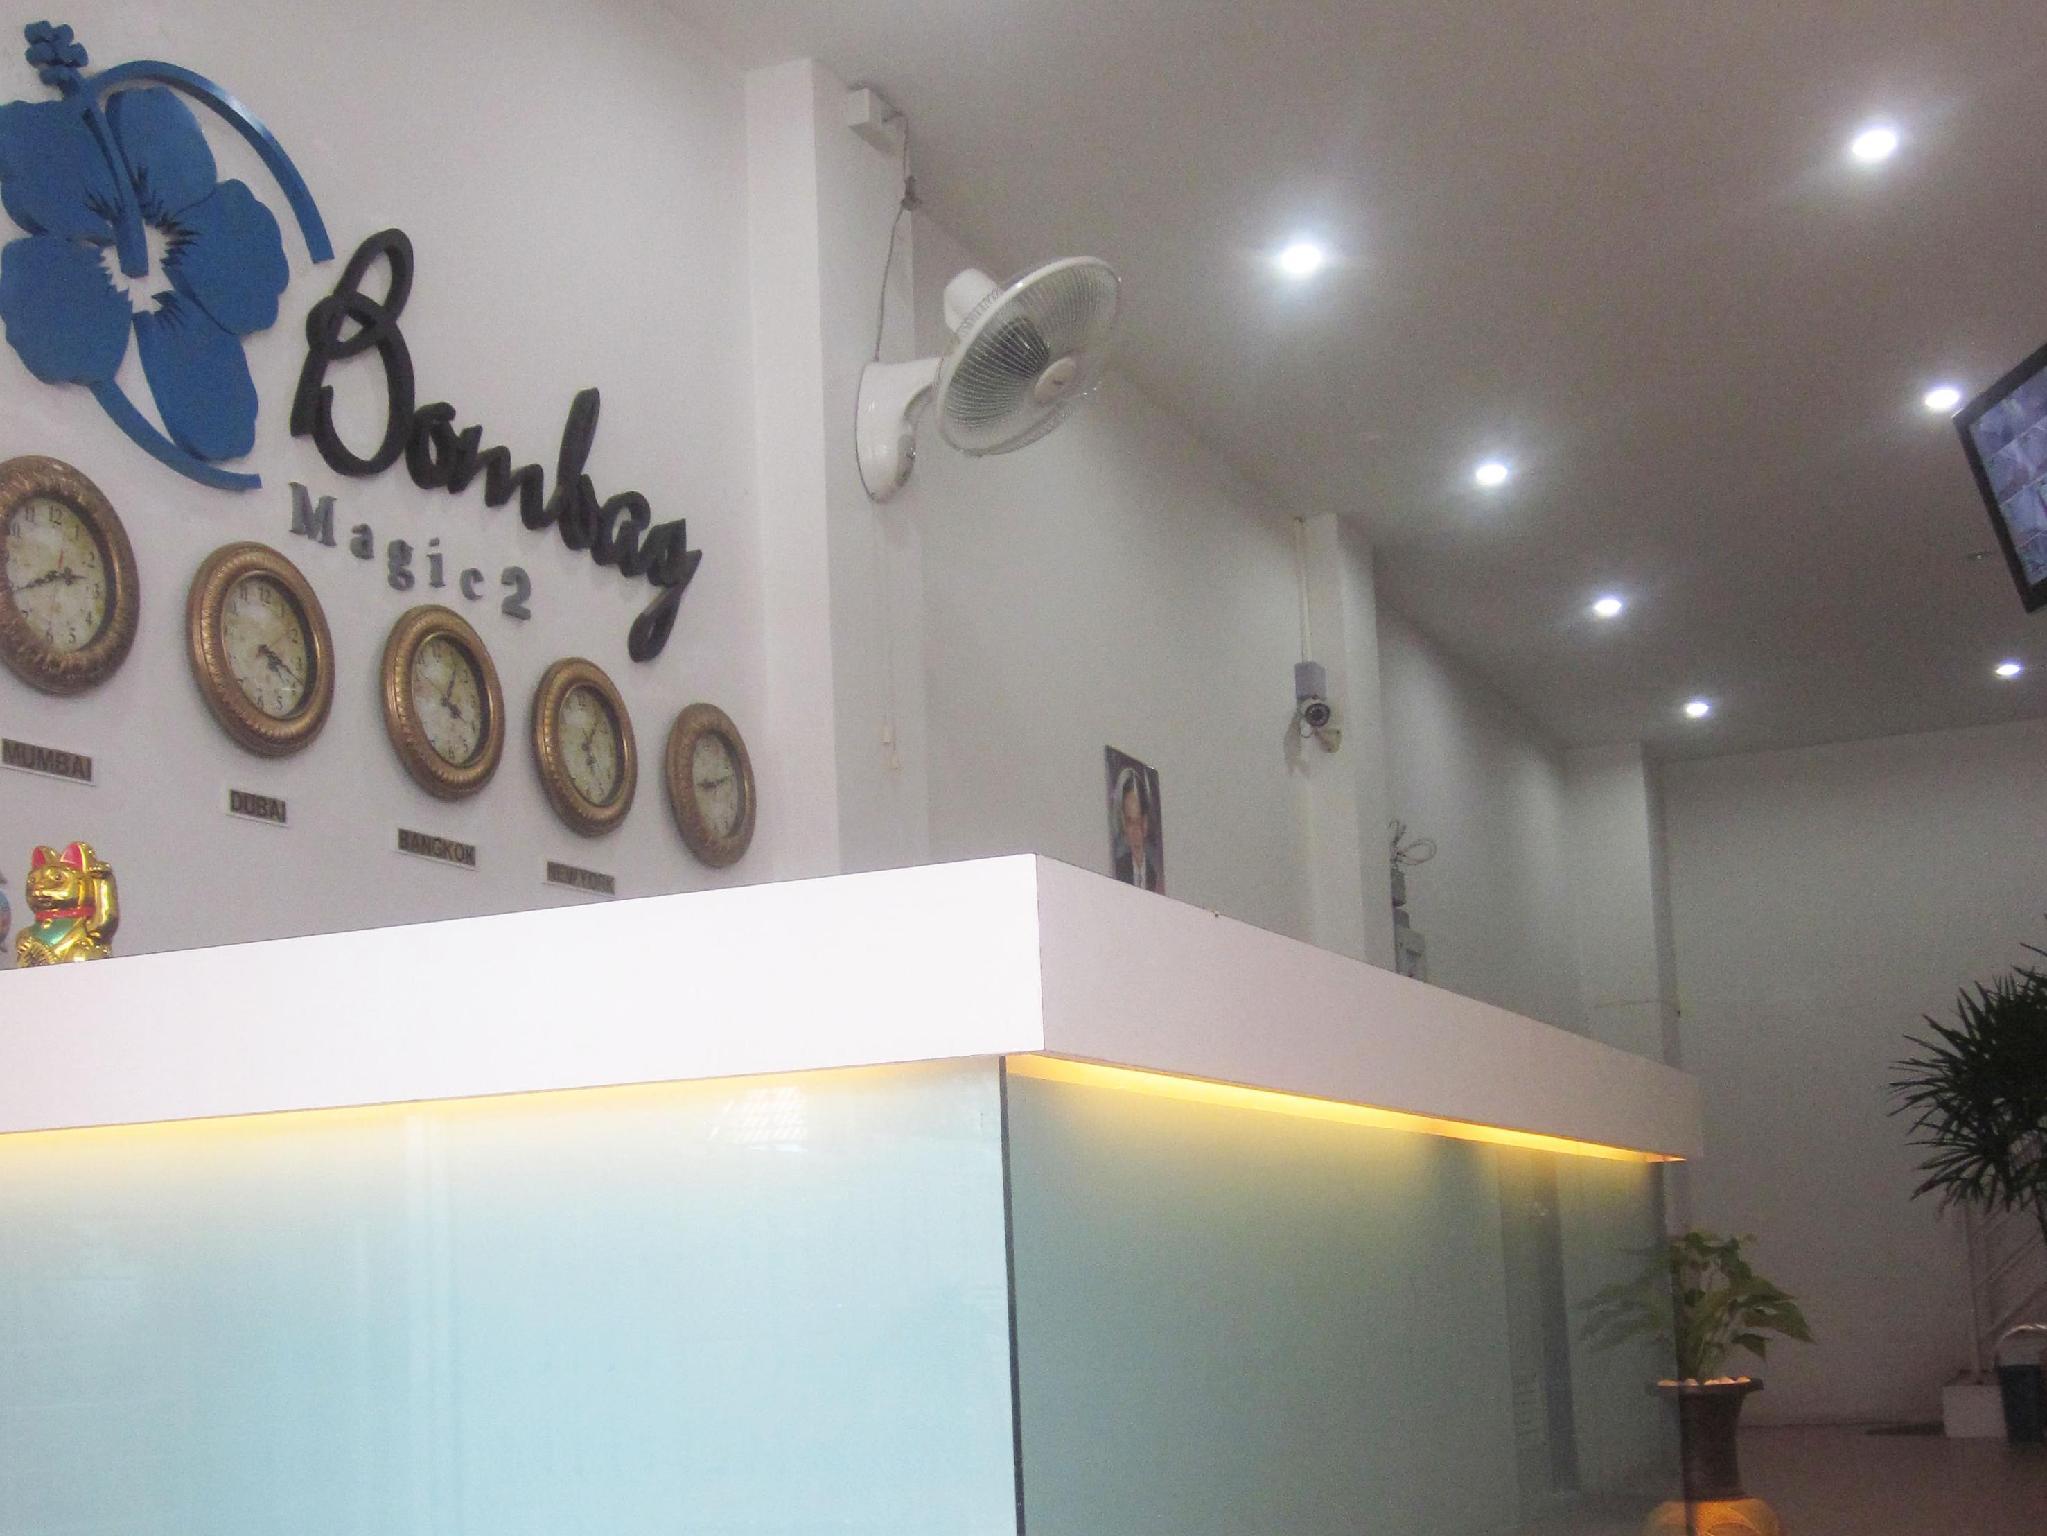 Hotell Bombay Magic 2 Hotel i , Pattaya. Klicka för att läsa mer och skicka bokningsförfrågan